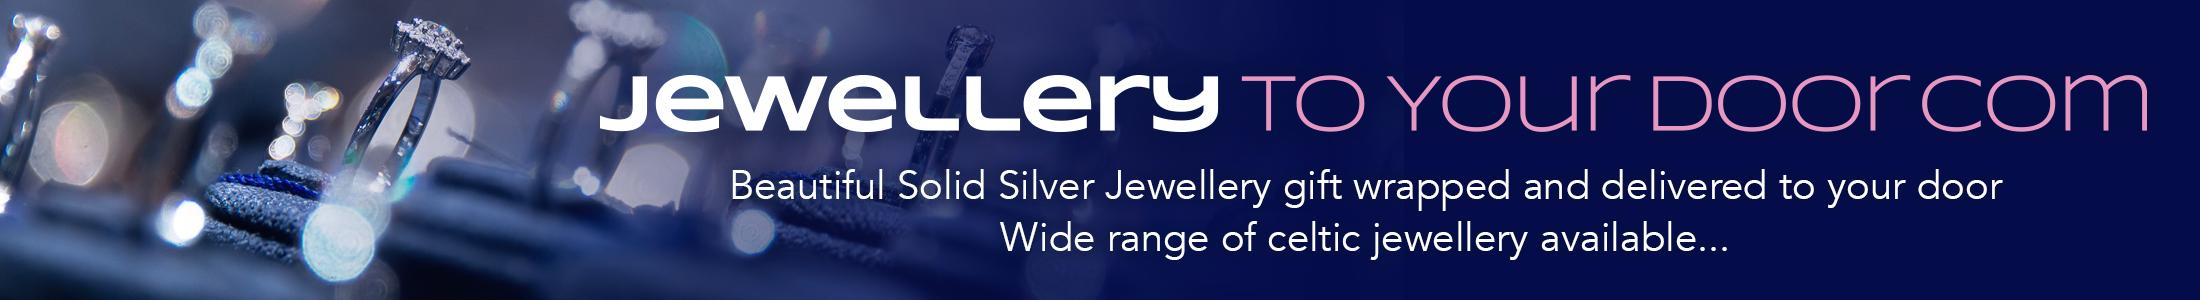 JewelleryToYourDoor.com